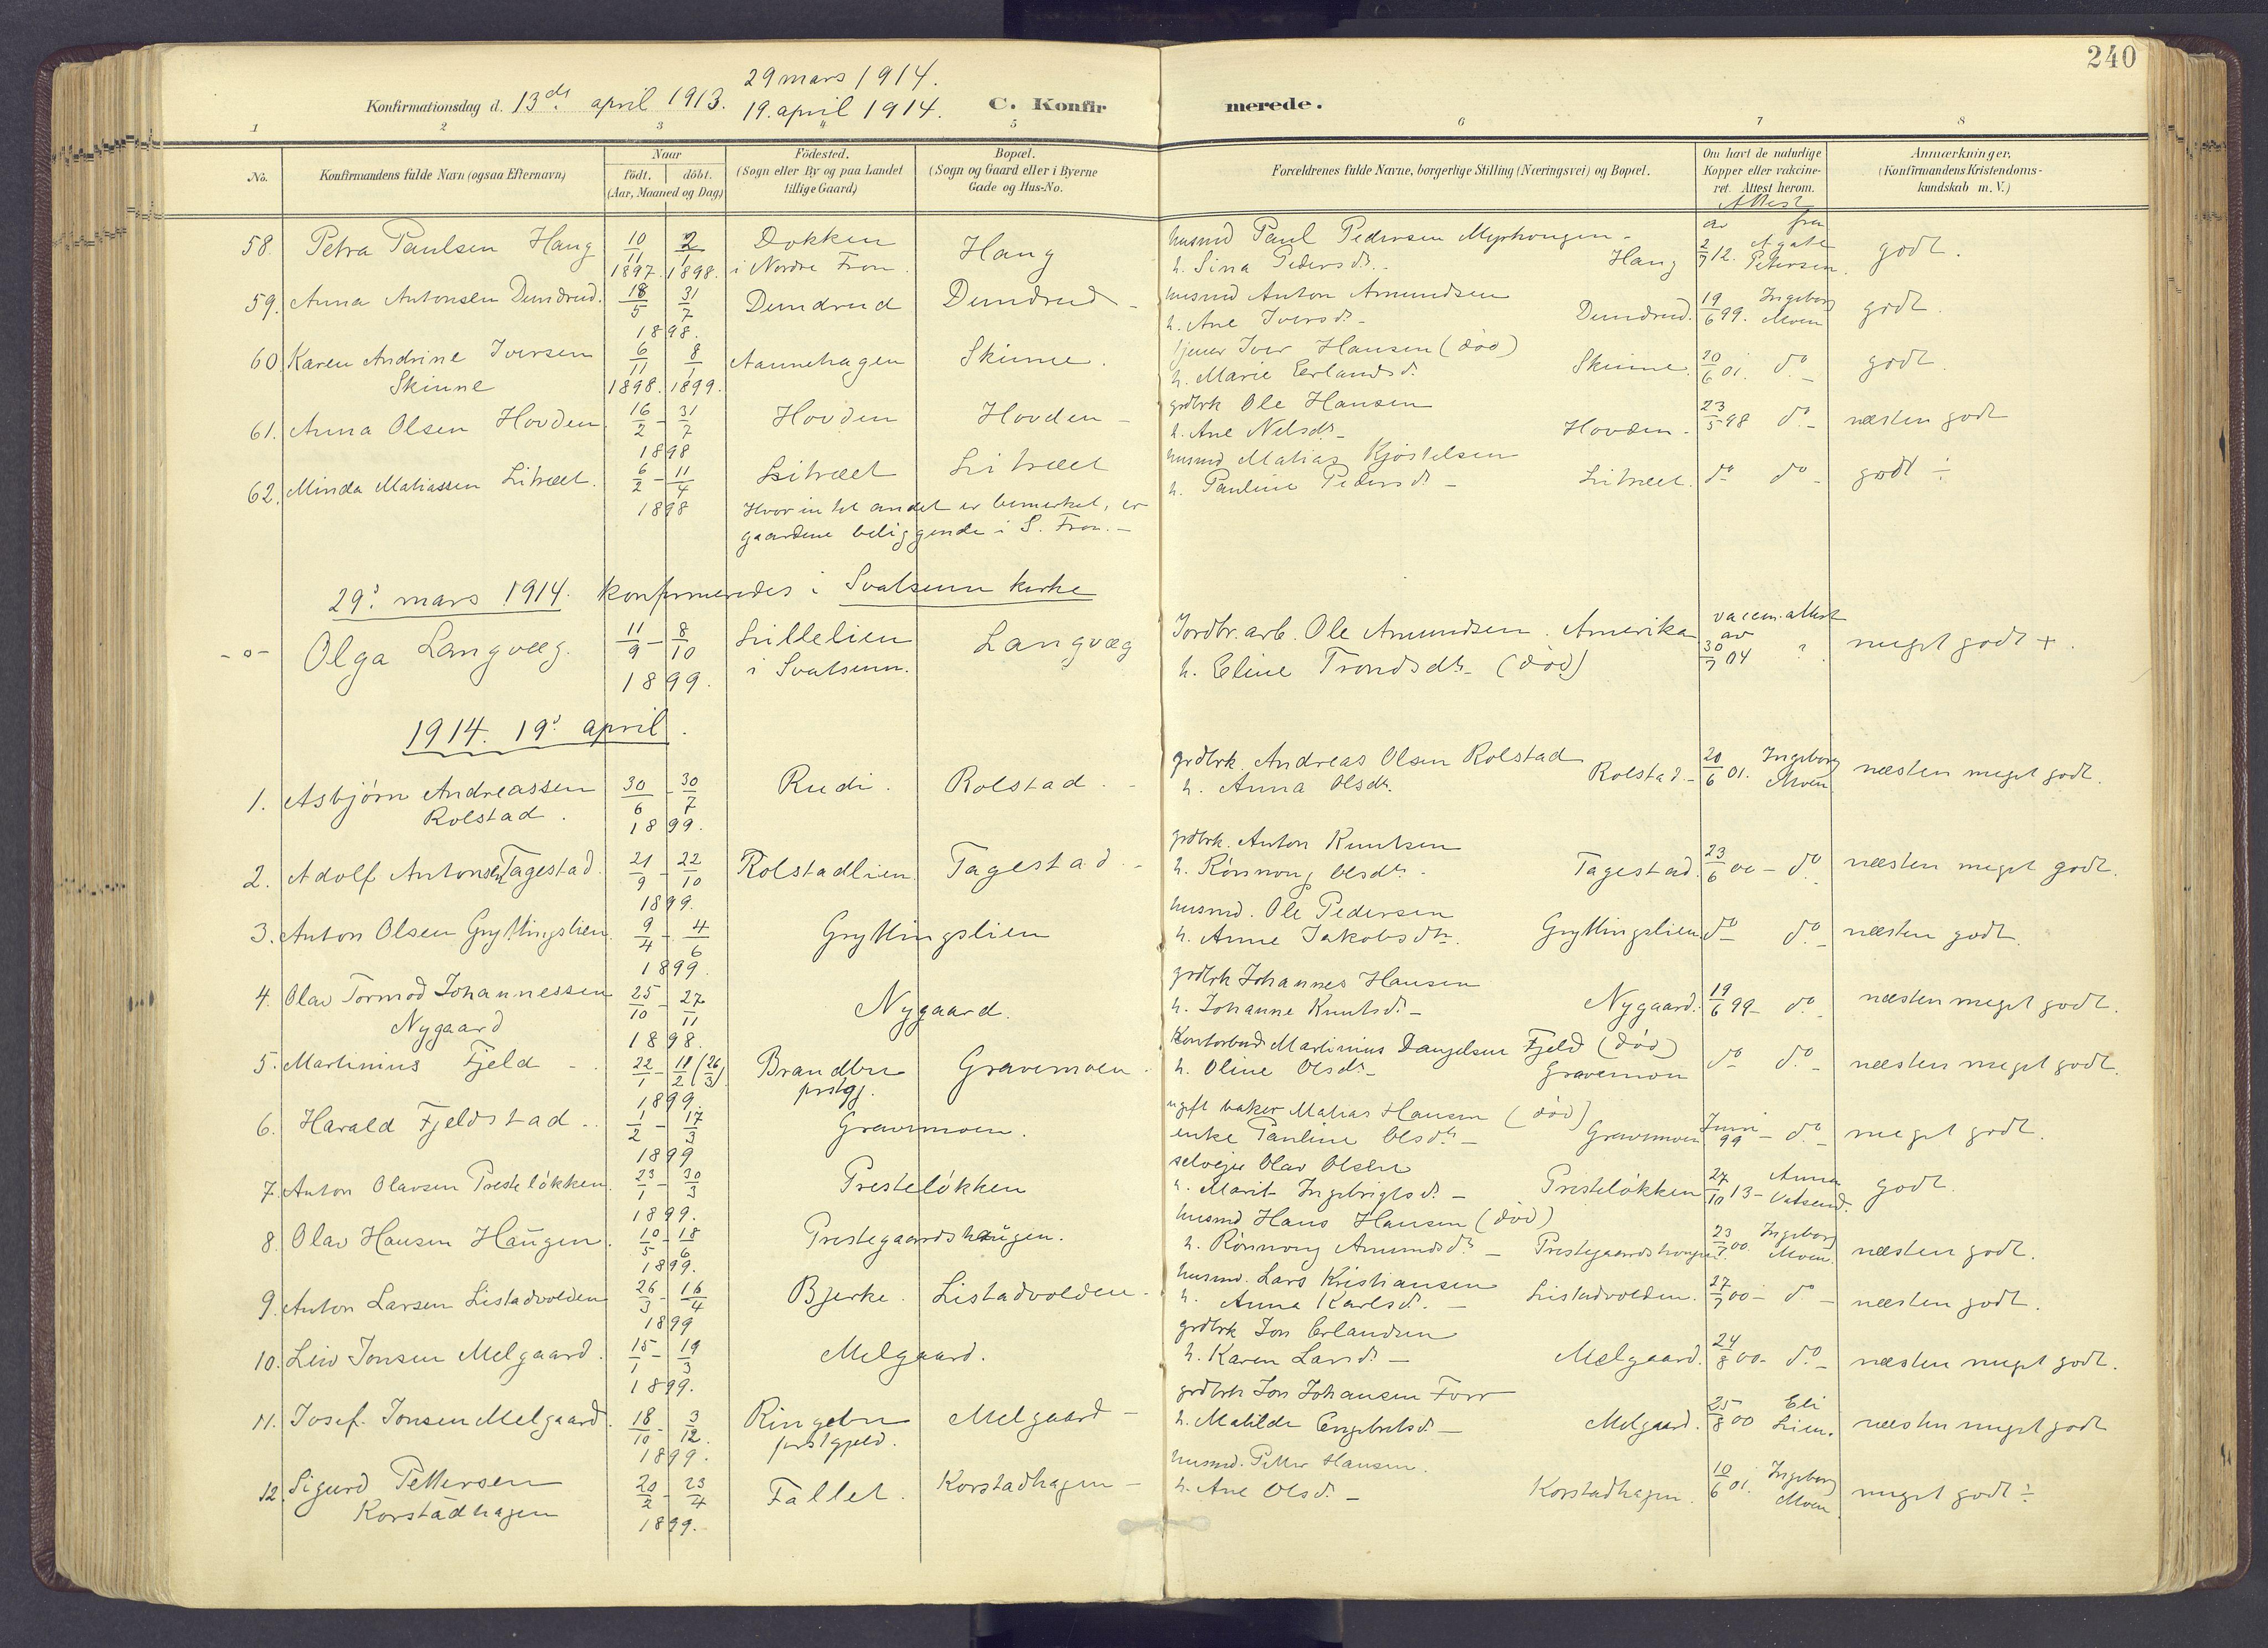 SAH, Sør-Fron prestekontor, H/Ha/Haa/L0004: Ministerialbok nr. 4, 1898-1919, s. 240